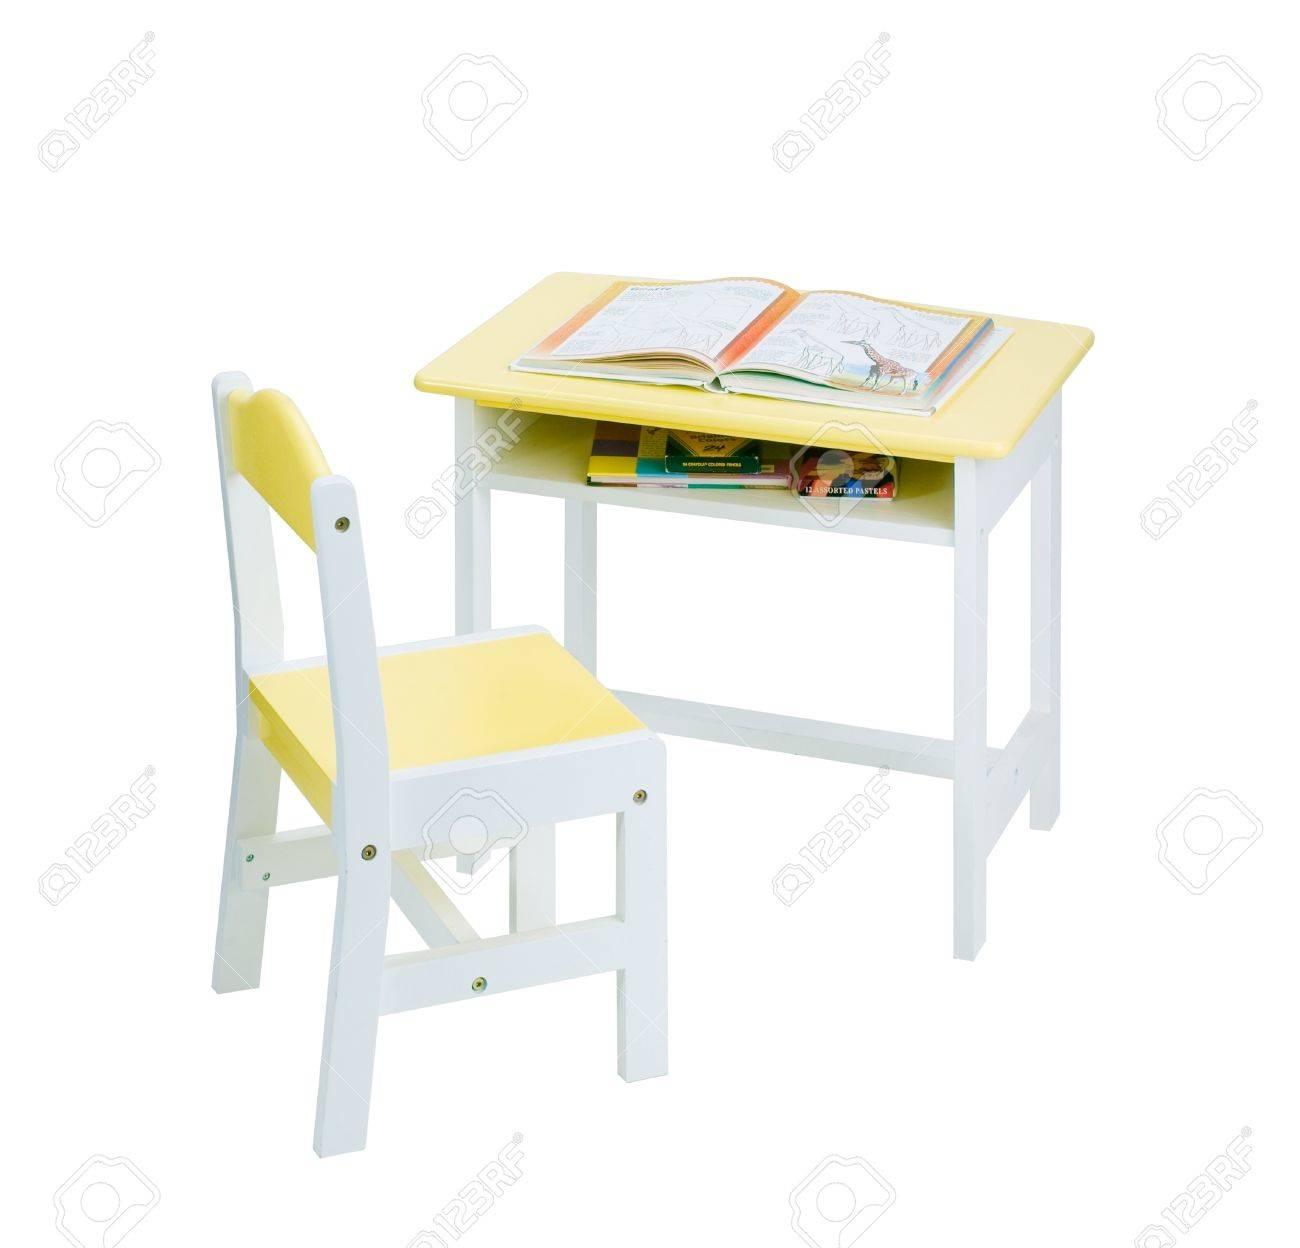 Schöne Holz Gelben Stuhl Und Schreibtisch Für Kinder Standard Bild    16445453